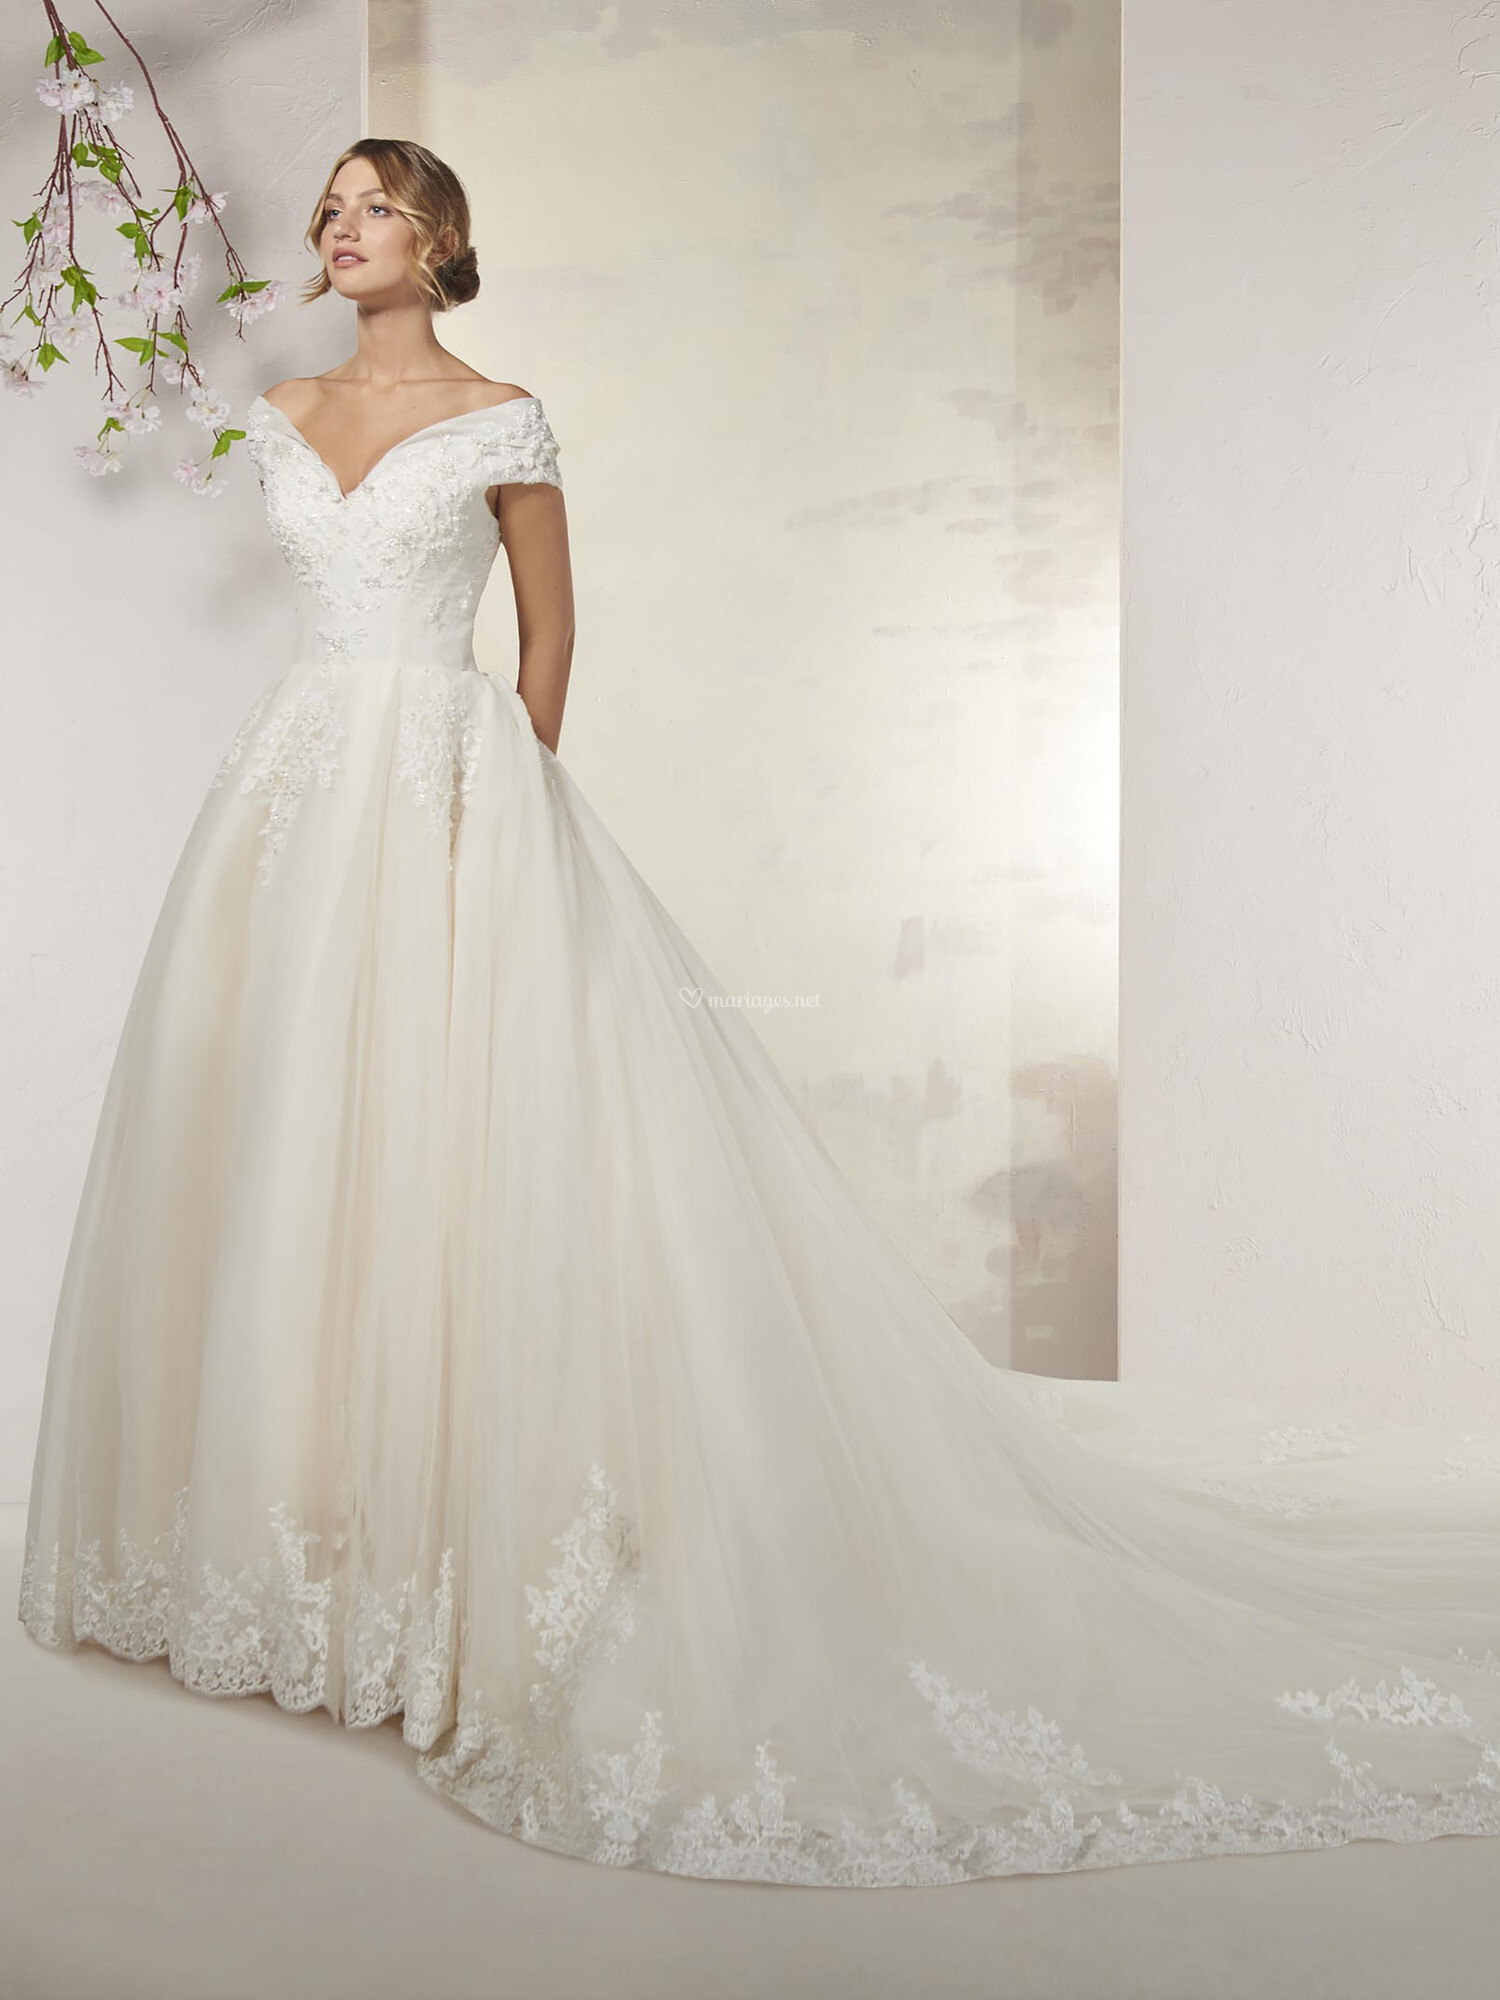 nouveau produit cca94 2e73d Robes de mariée sur Empire du mariage - BORNEO - Mariages.net